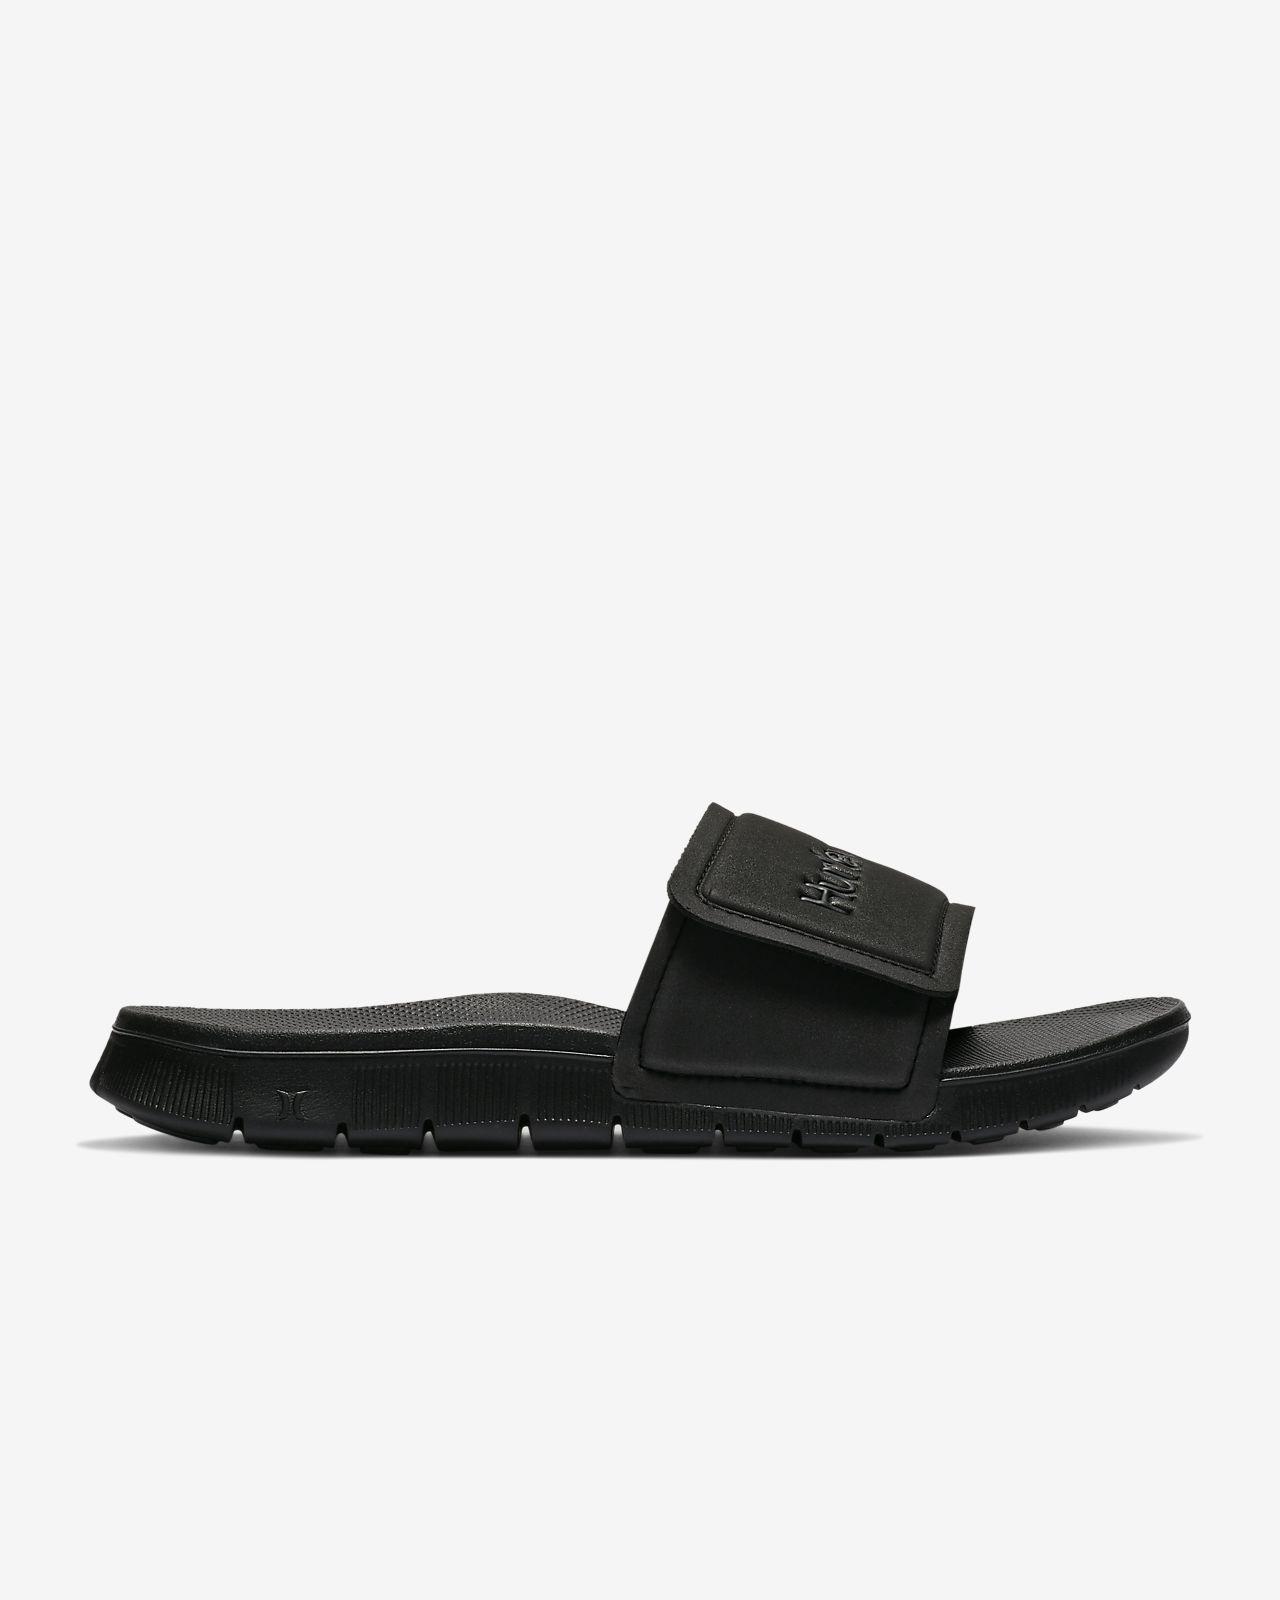 90508ebcb7f8 Hurley Fusion Slide Men s Sandal. Nike.com NZ